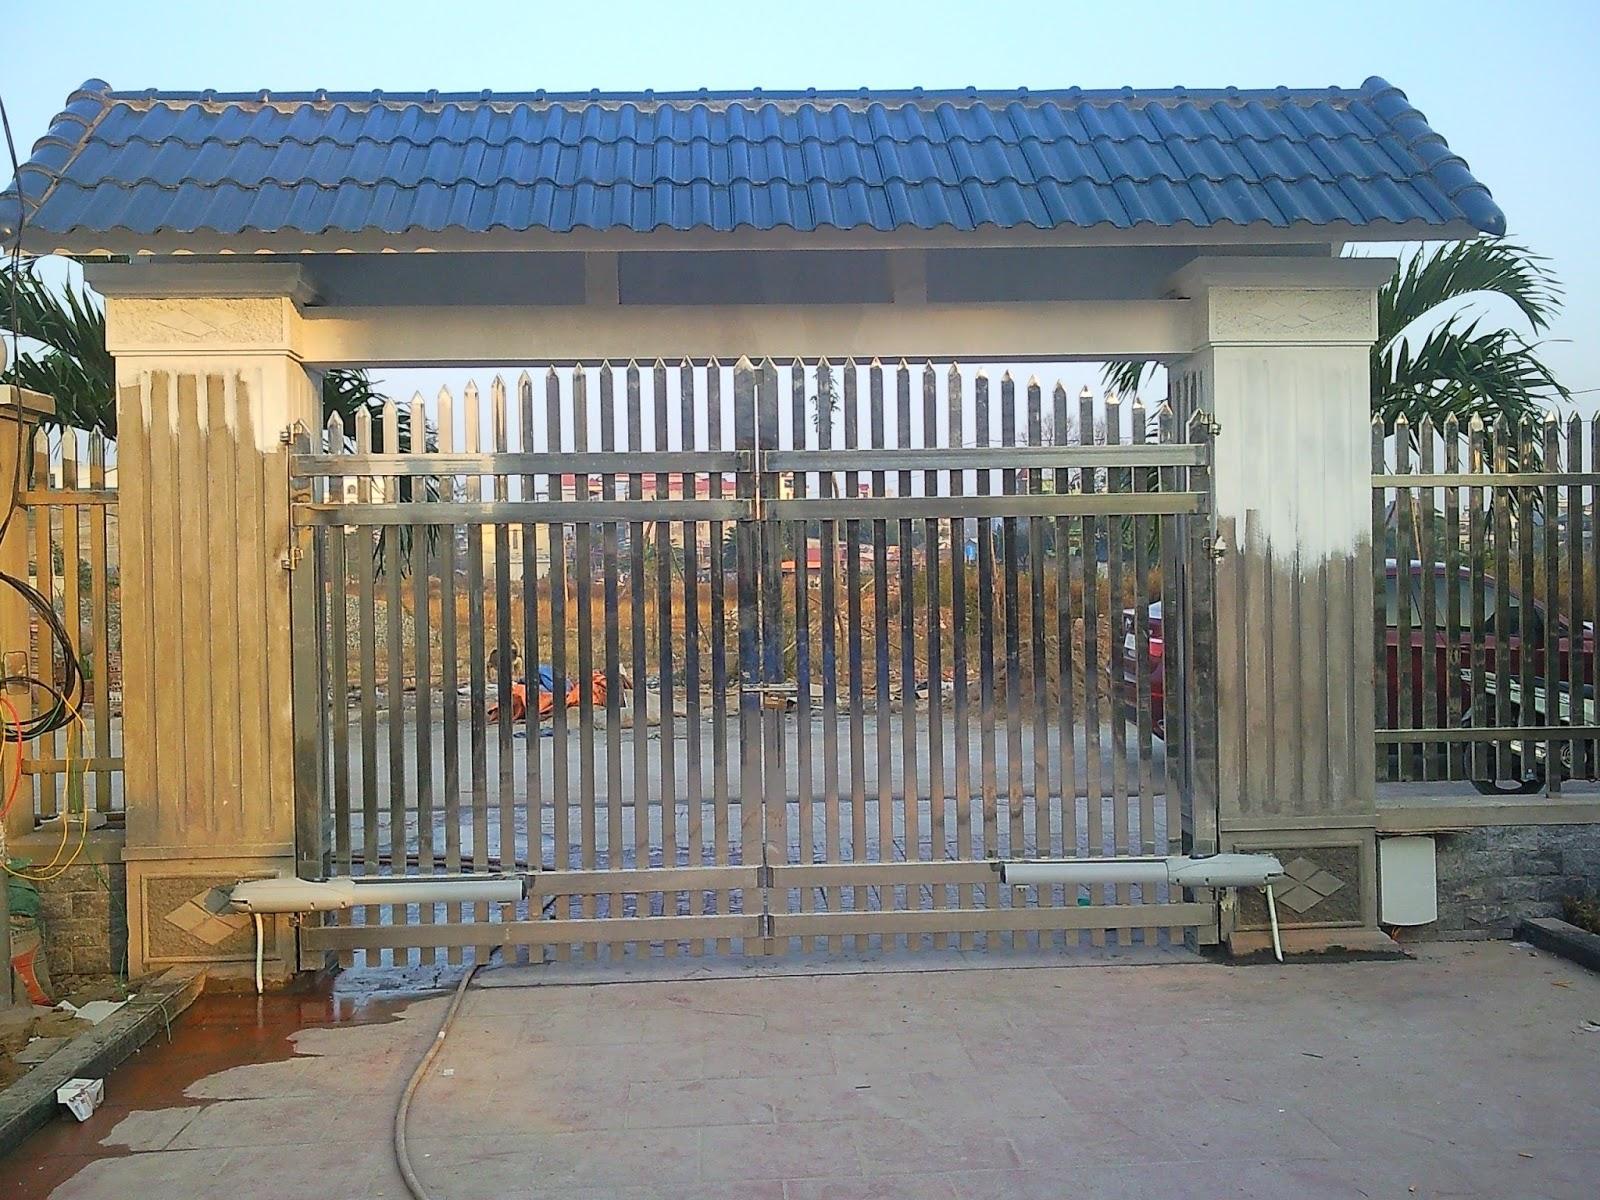 Điểm nổi bậc cửa cổng mở tự động